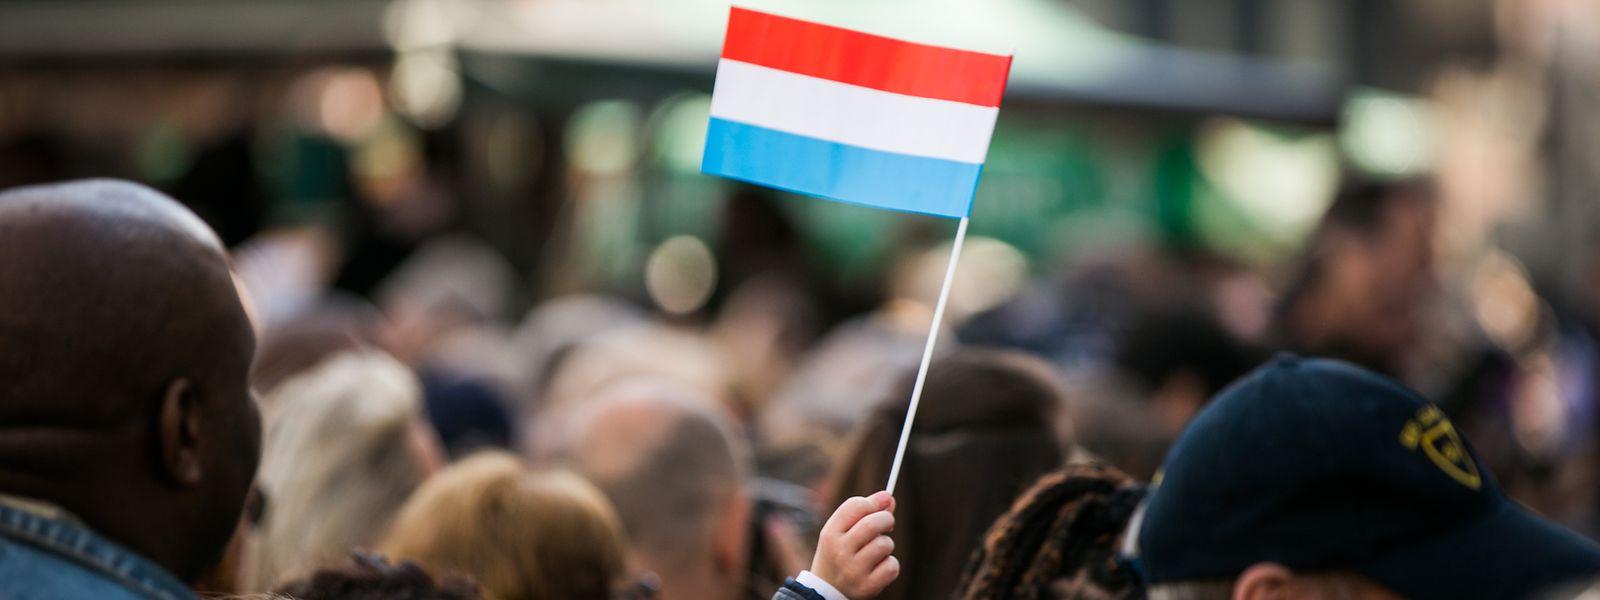 Sowohl Luxemburger als auch Ausländer fühlen mehrheitlich eine starke Verbundenheit mit dem Großherzogtum und leben gerne hier.